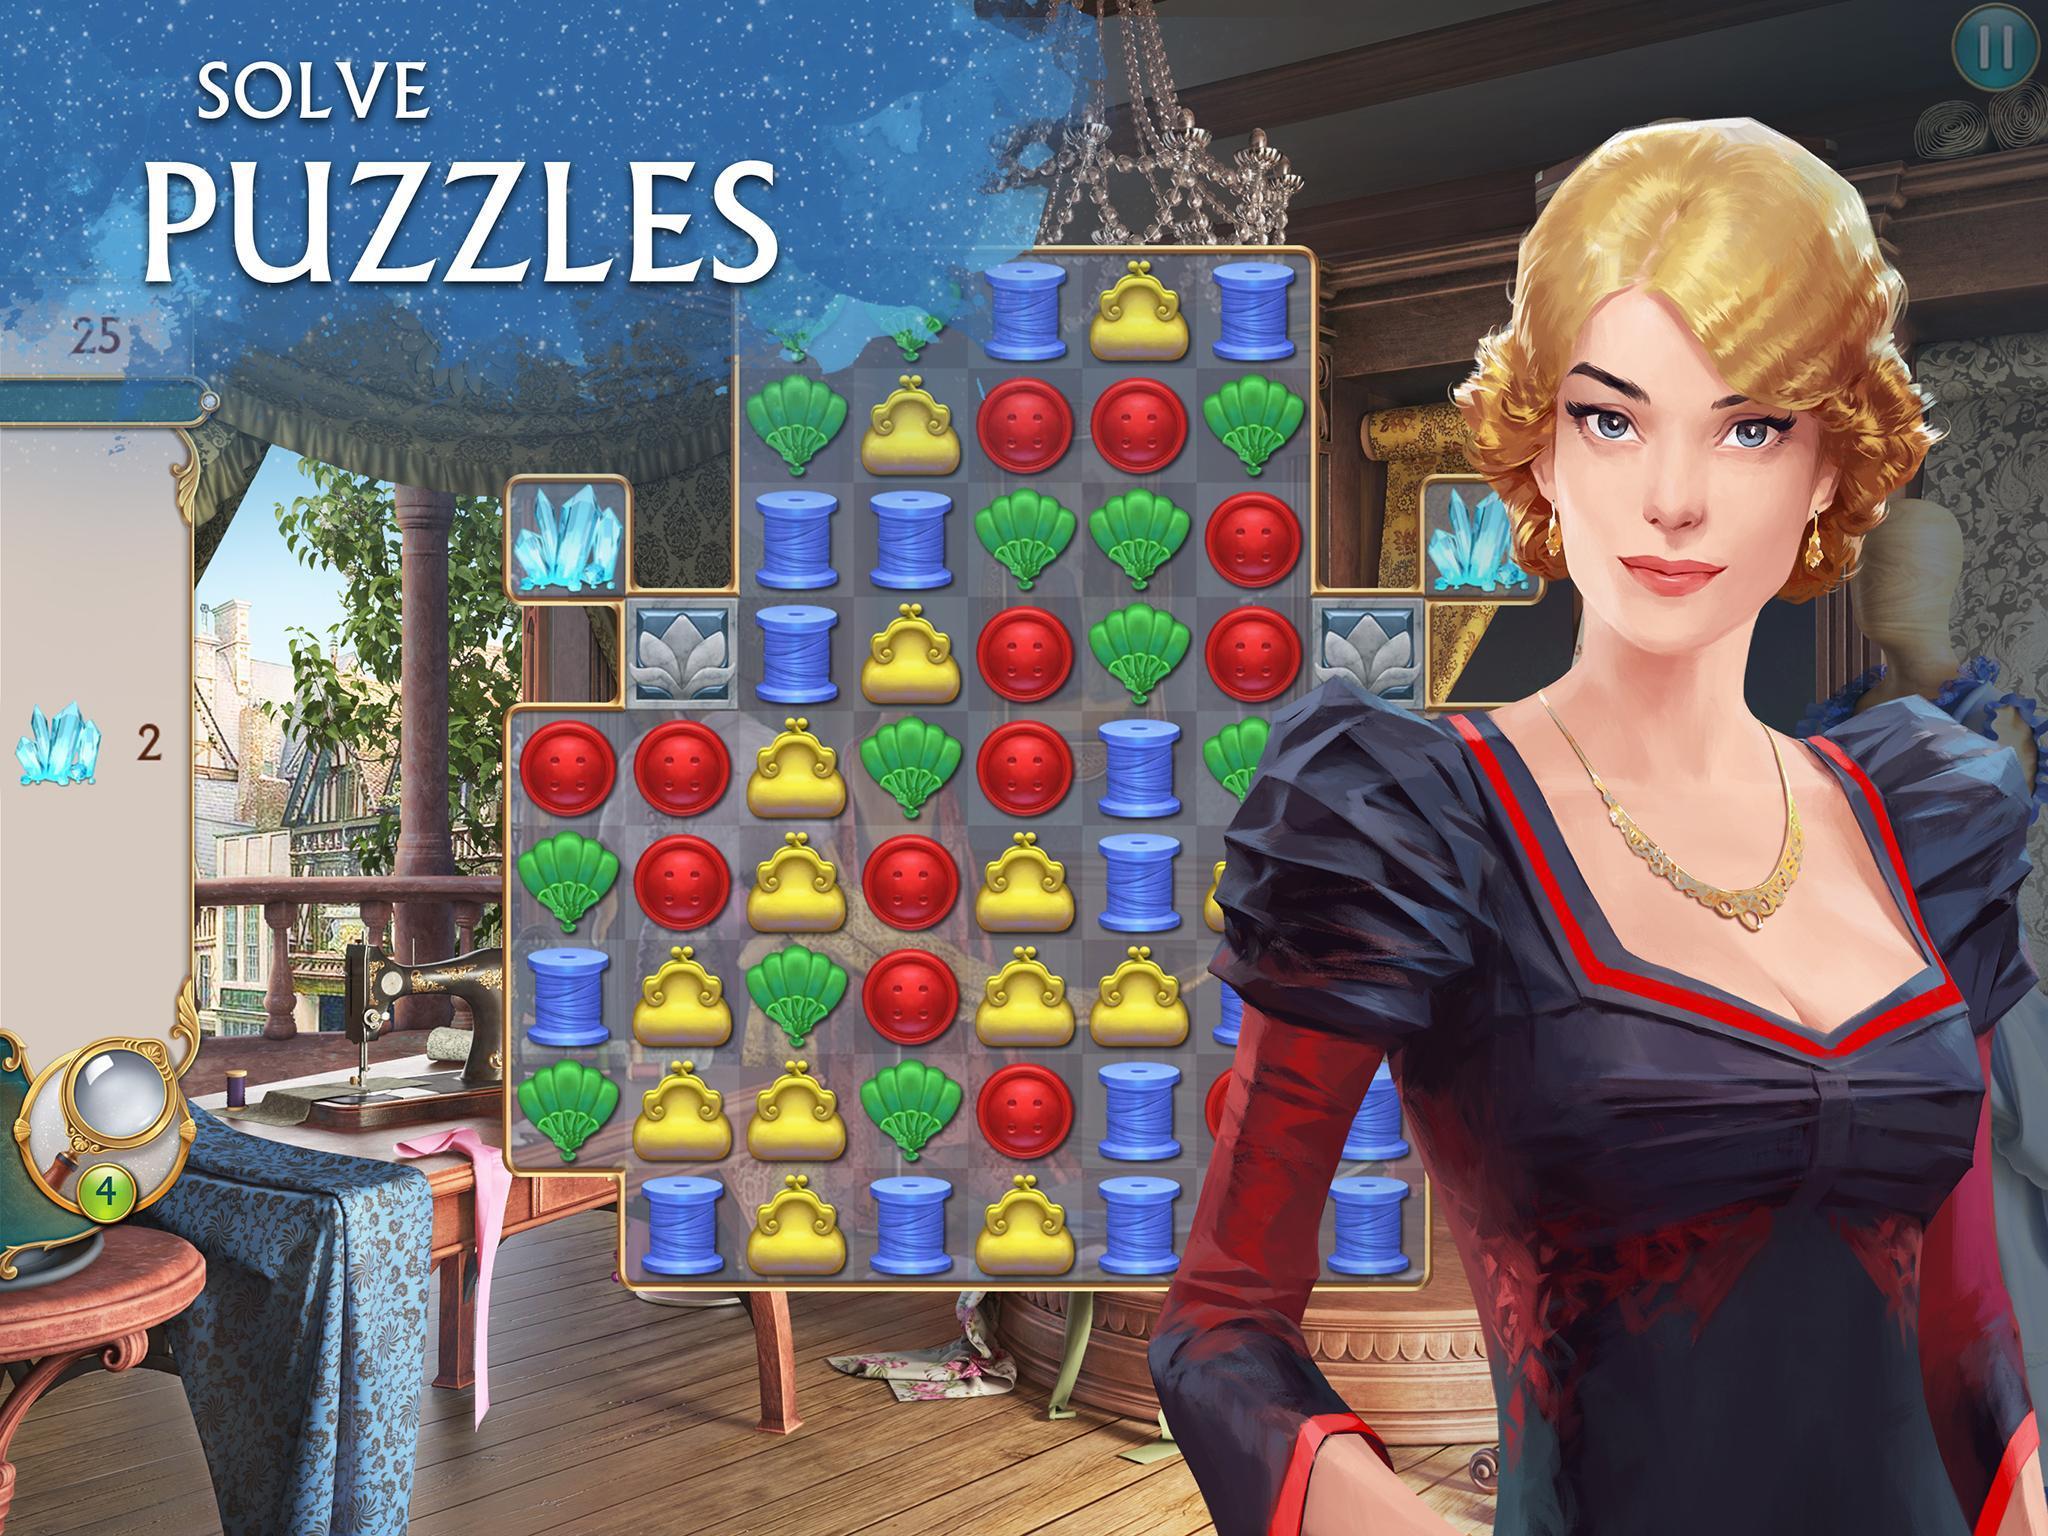 Ravenhill®: Hidden Mystery - Match-3 with a Story 2.21.1 Screenshot 8